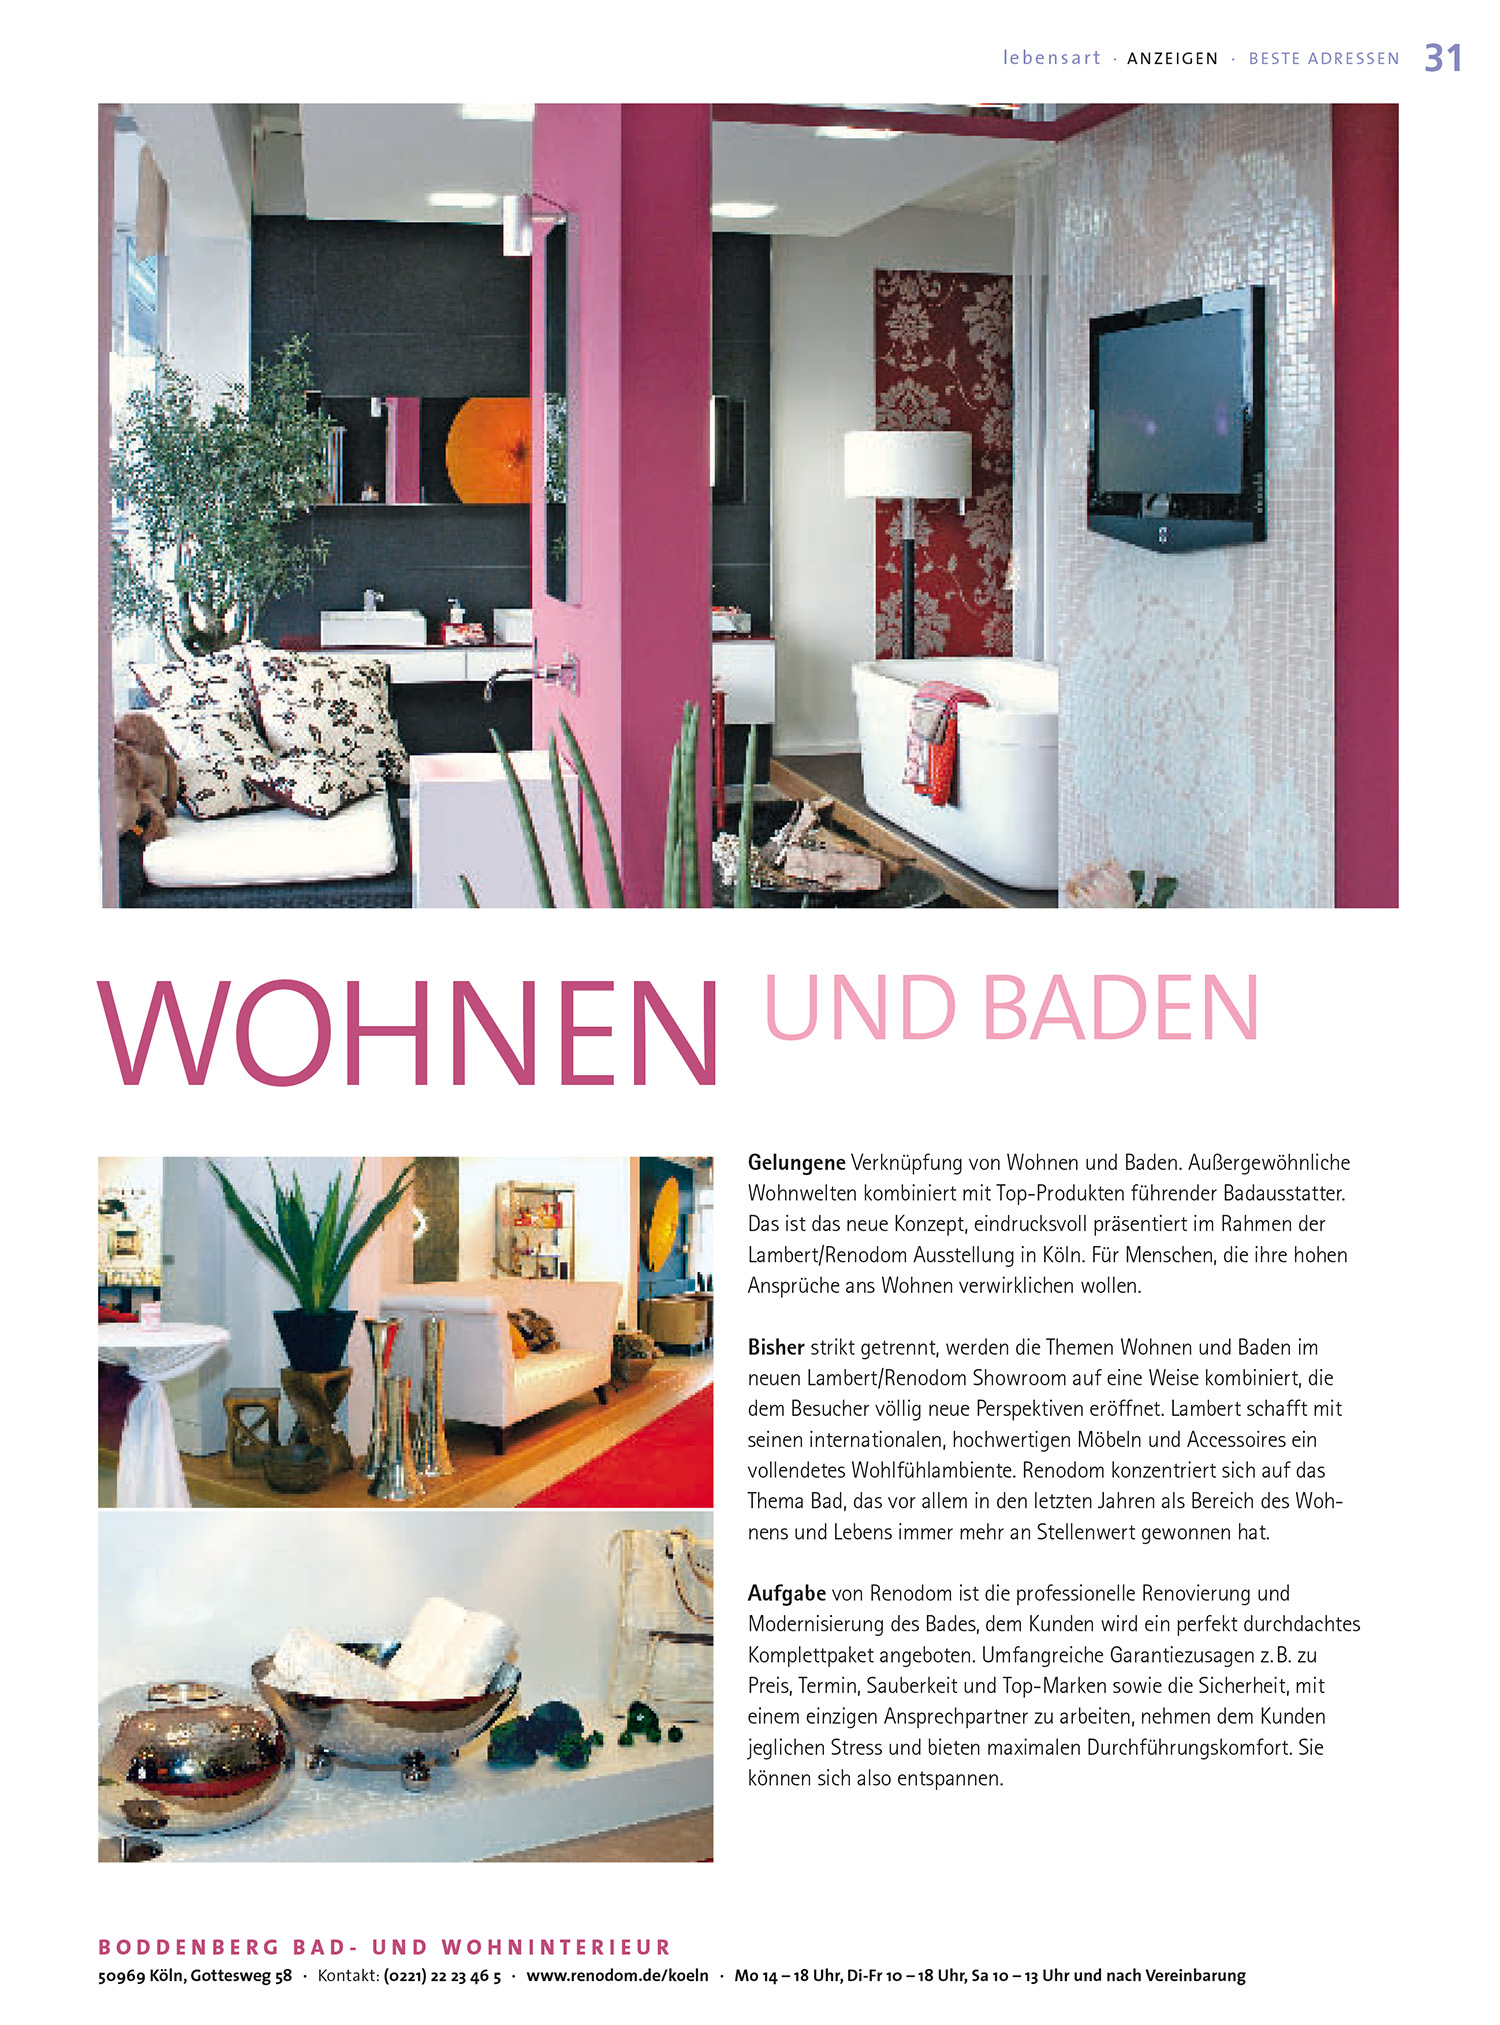 Boddenberg Mediaplanung Anzeige